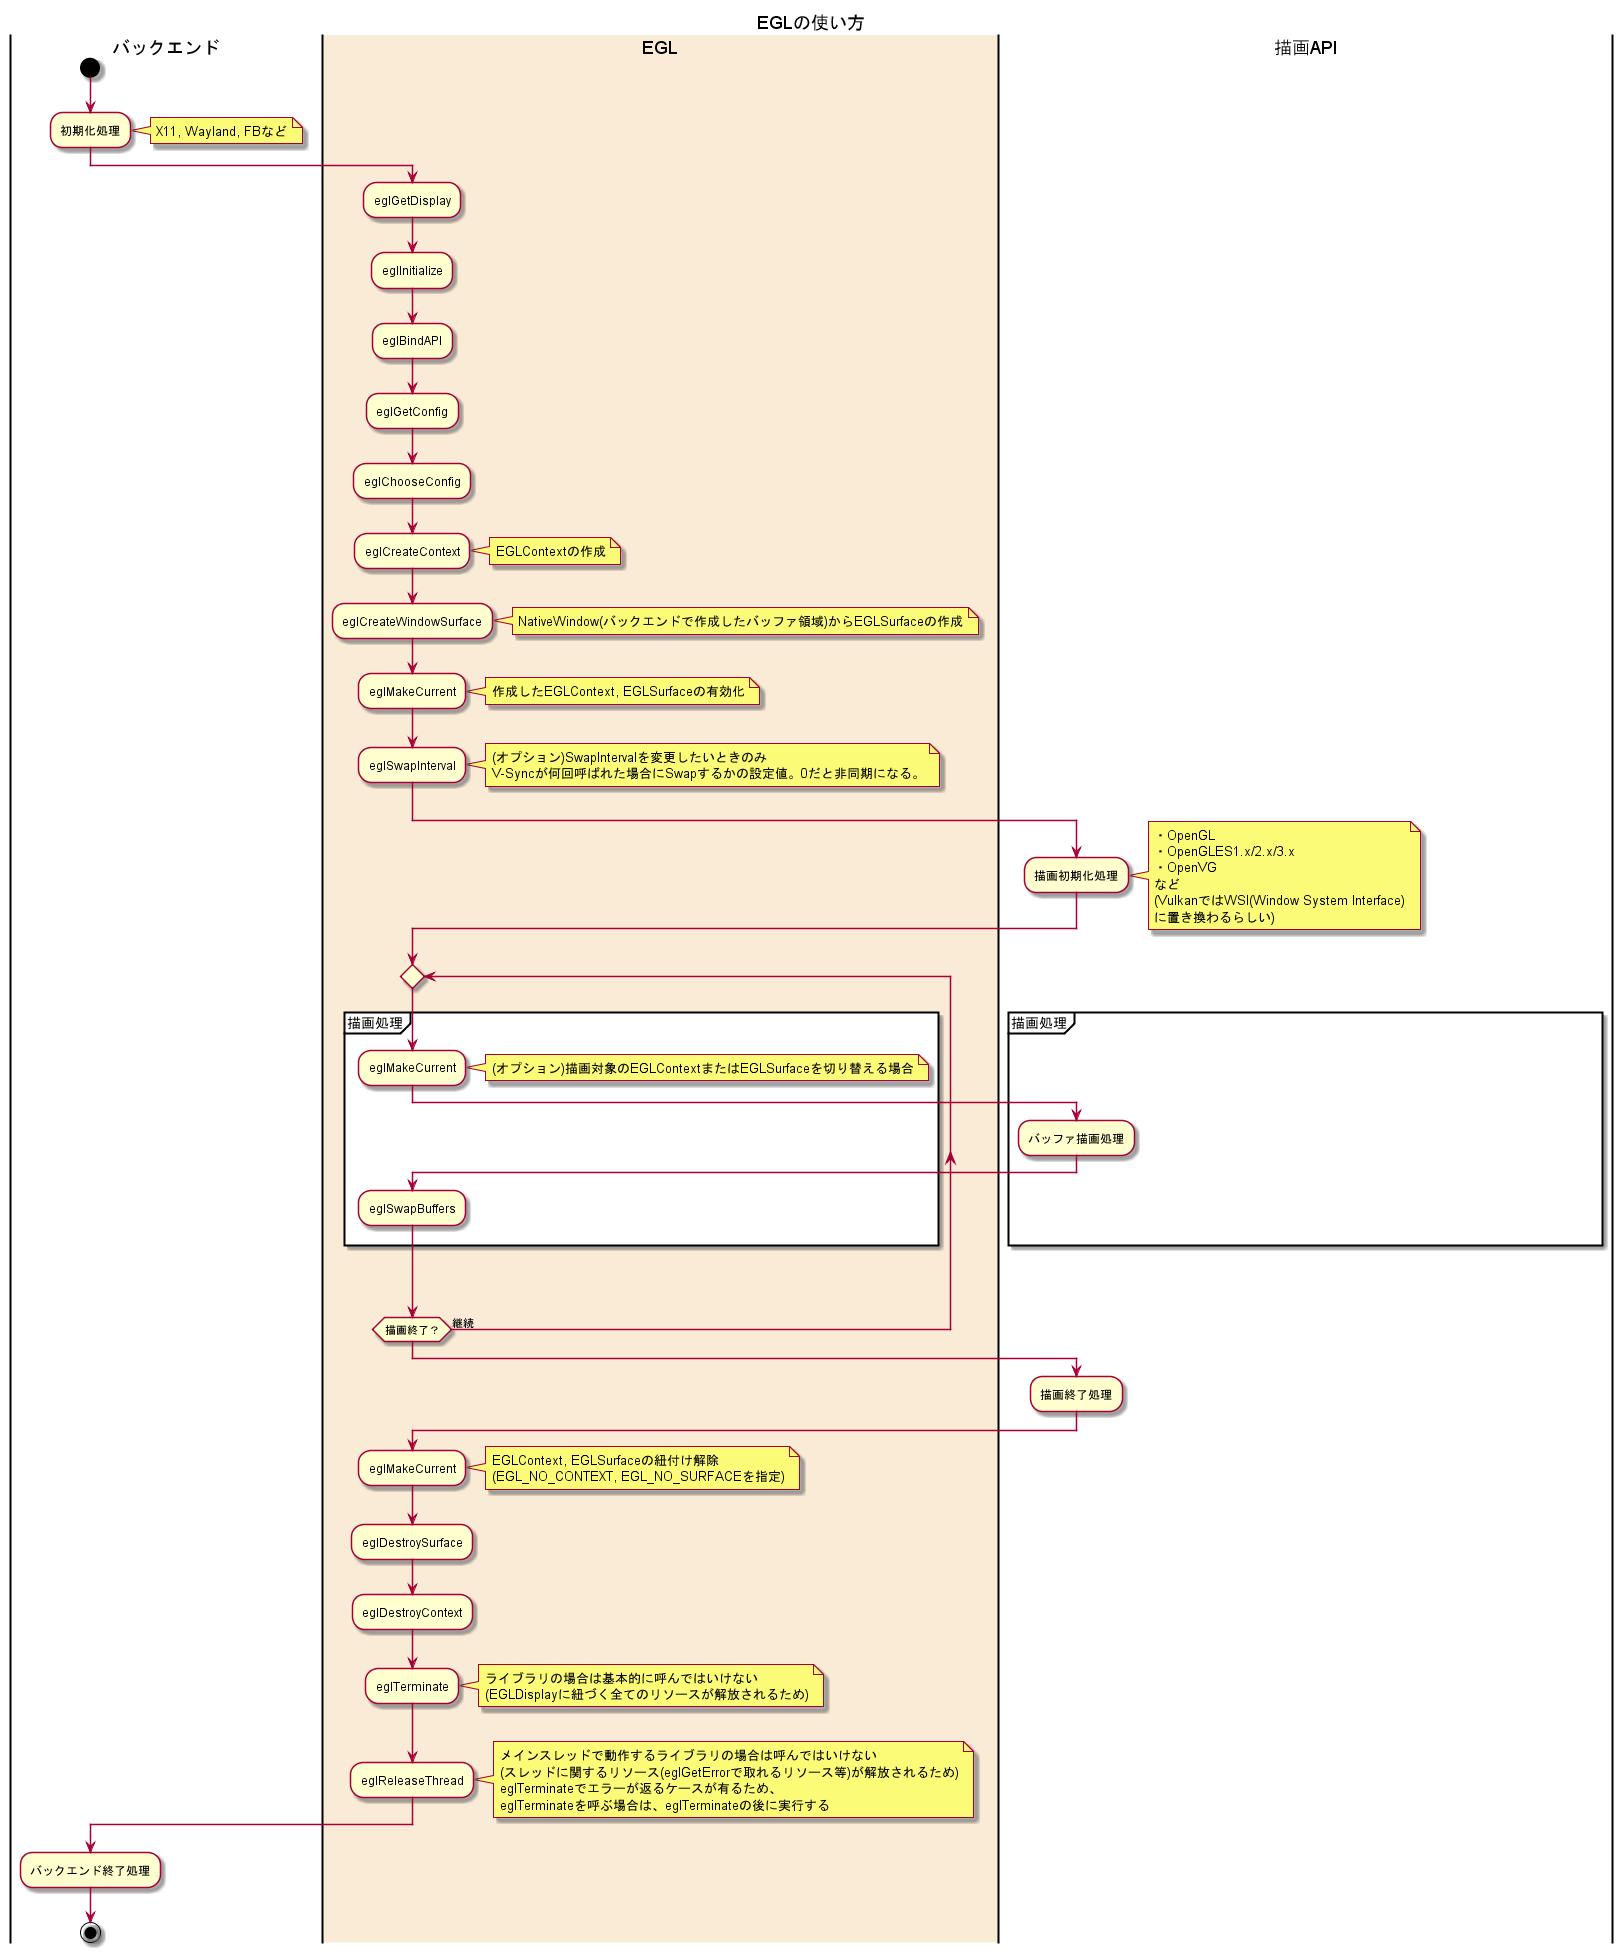 EGL] EGLの初期化から終了処理までの実行手順まとめ - Qiita